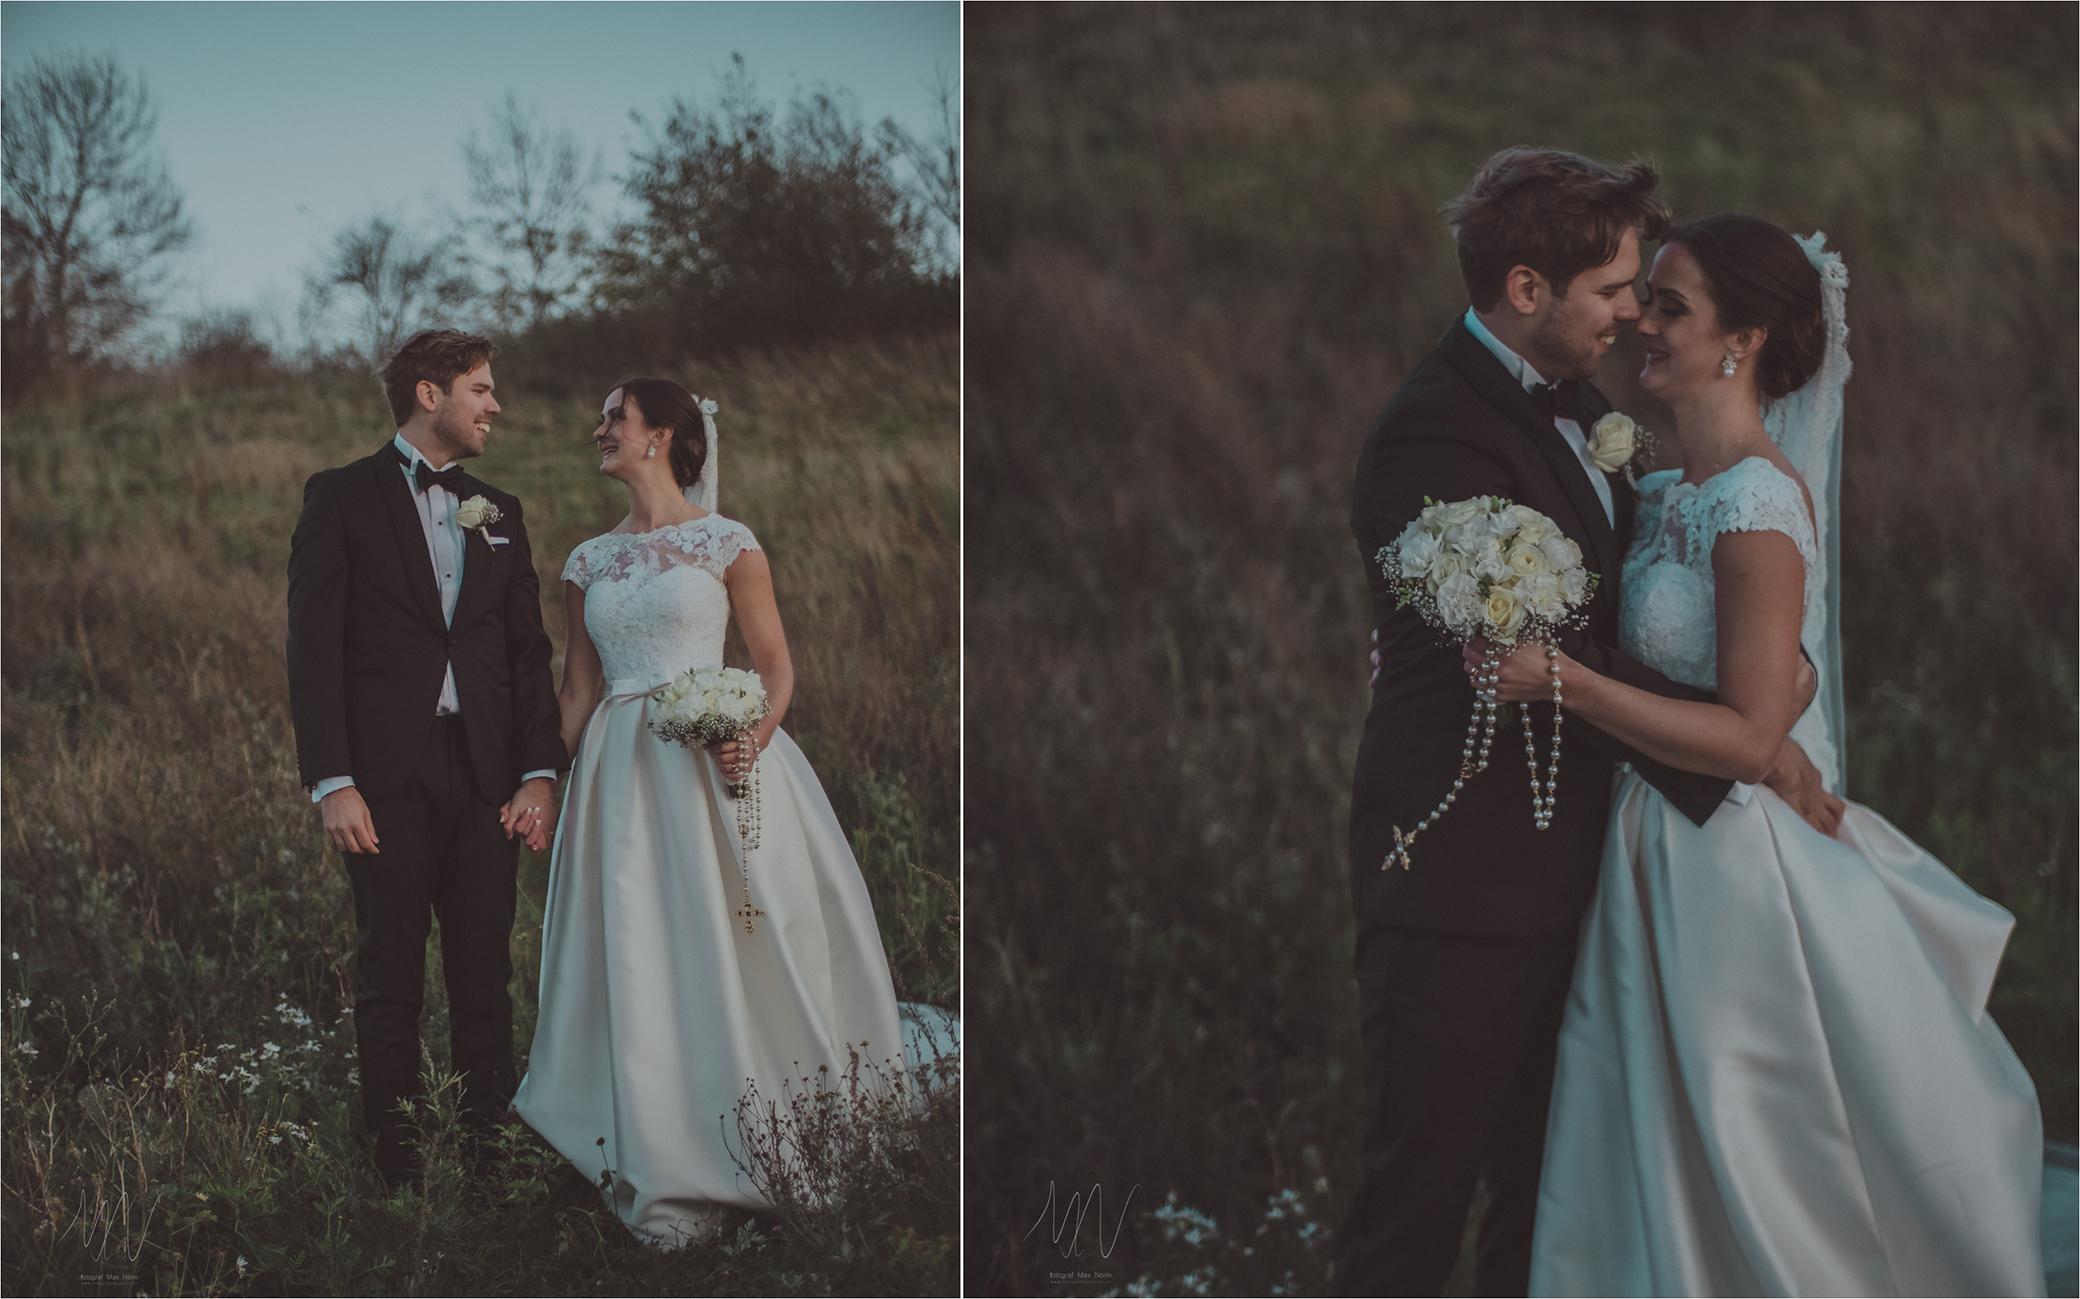 bröllopsfoto-fotograf-max-norin-296 kopiera.jpg